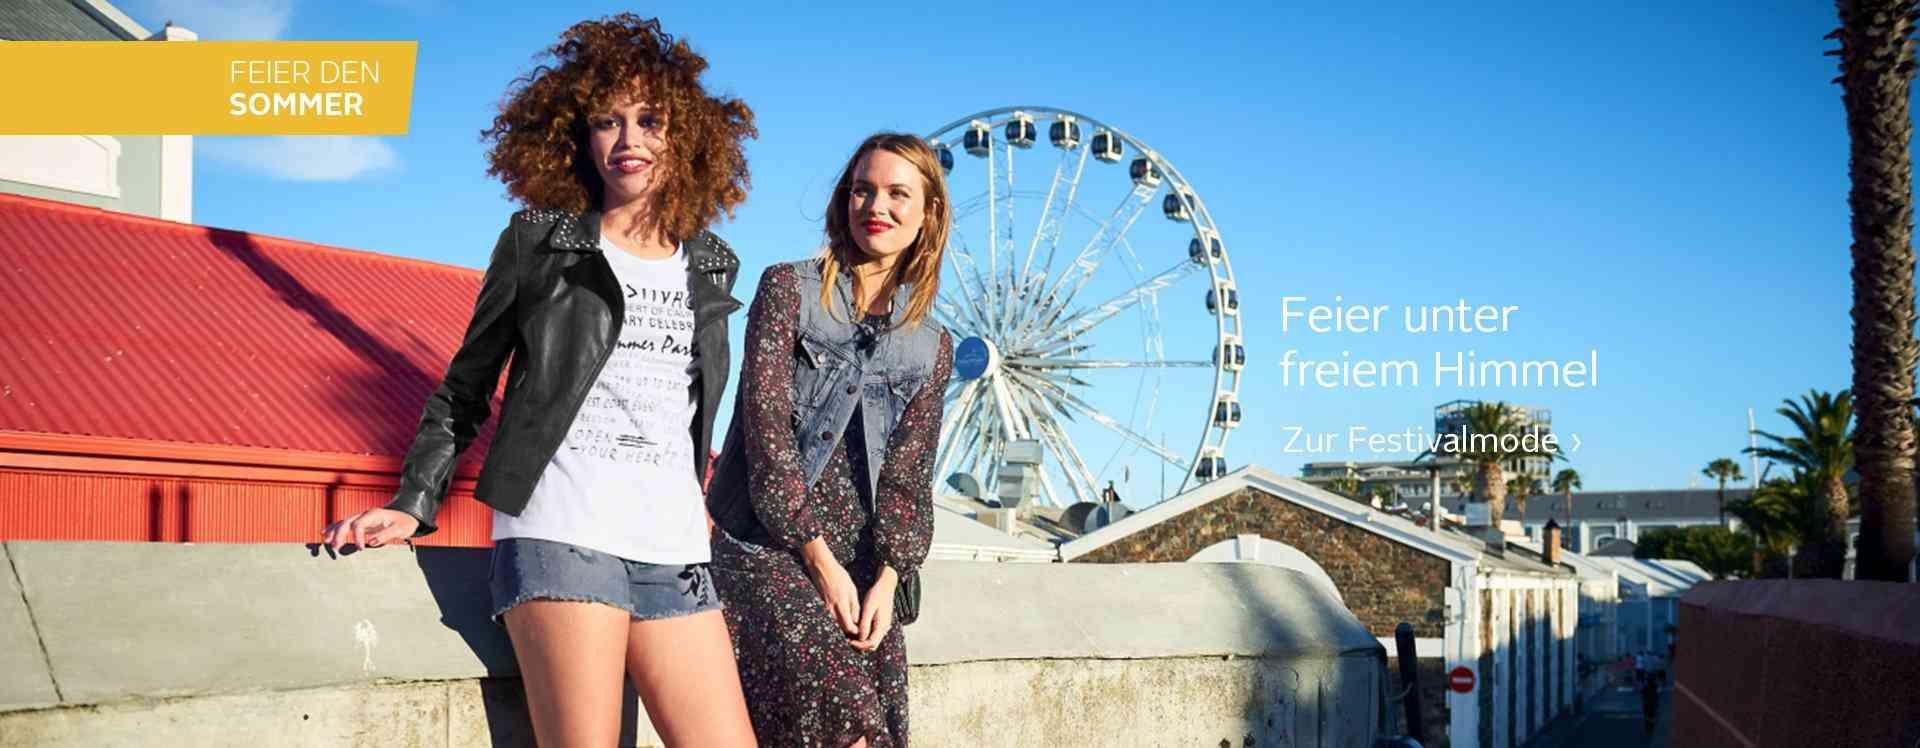 Bühne frei für die Style-Newcomer! Bei der Damen-Festivalmode finden Sie von Hippie-Outfits bis hin zu Regenjacken alles, was Sie für Ihr großes Event brauchen...  Jetzt entdecken!